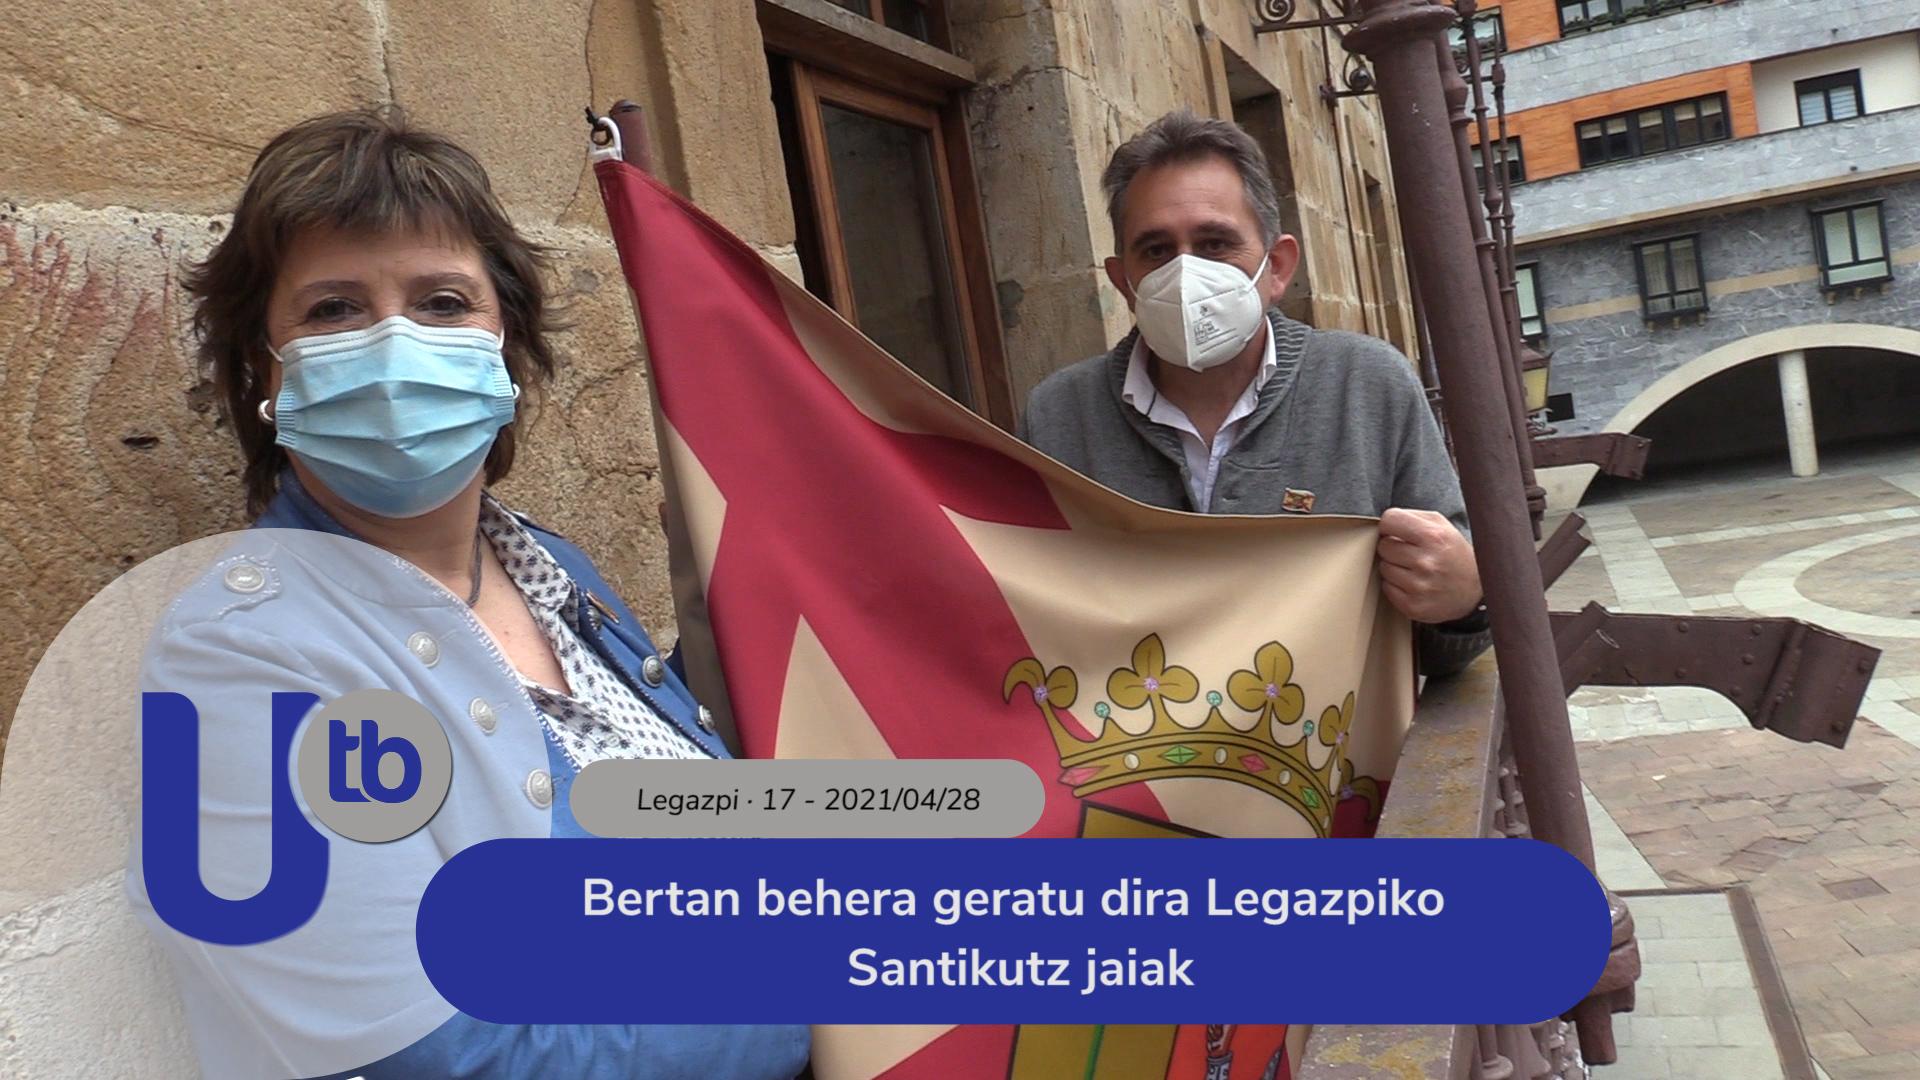 Bertan behera geratu dira Legazpiko Santikutz jaiak / Se suspenden las fiestas de Santikutz de Legazpi